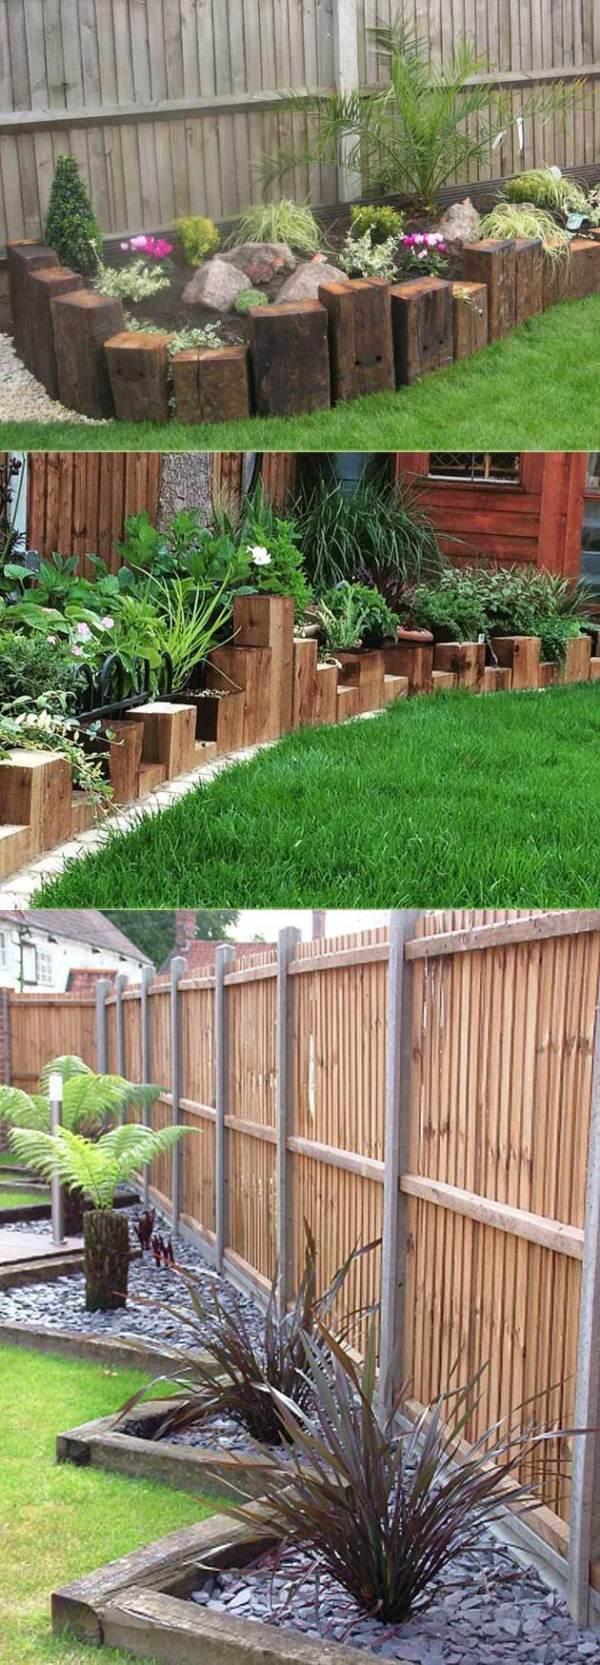 create awesome garden edging